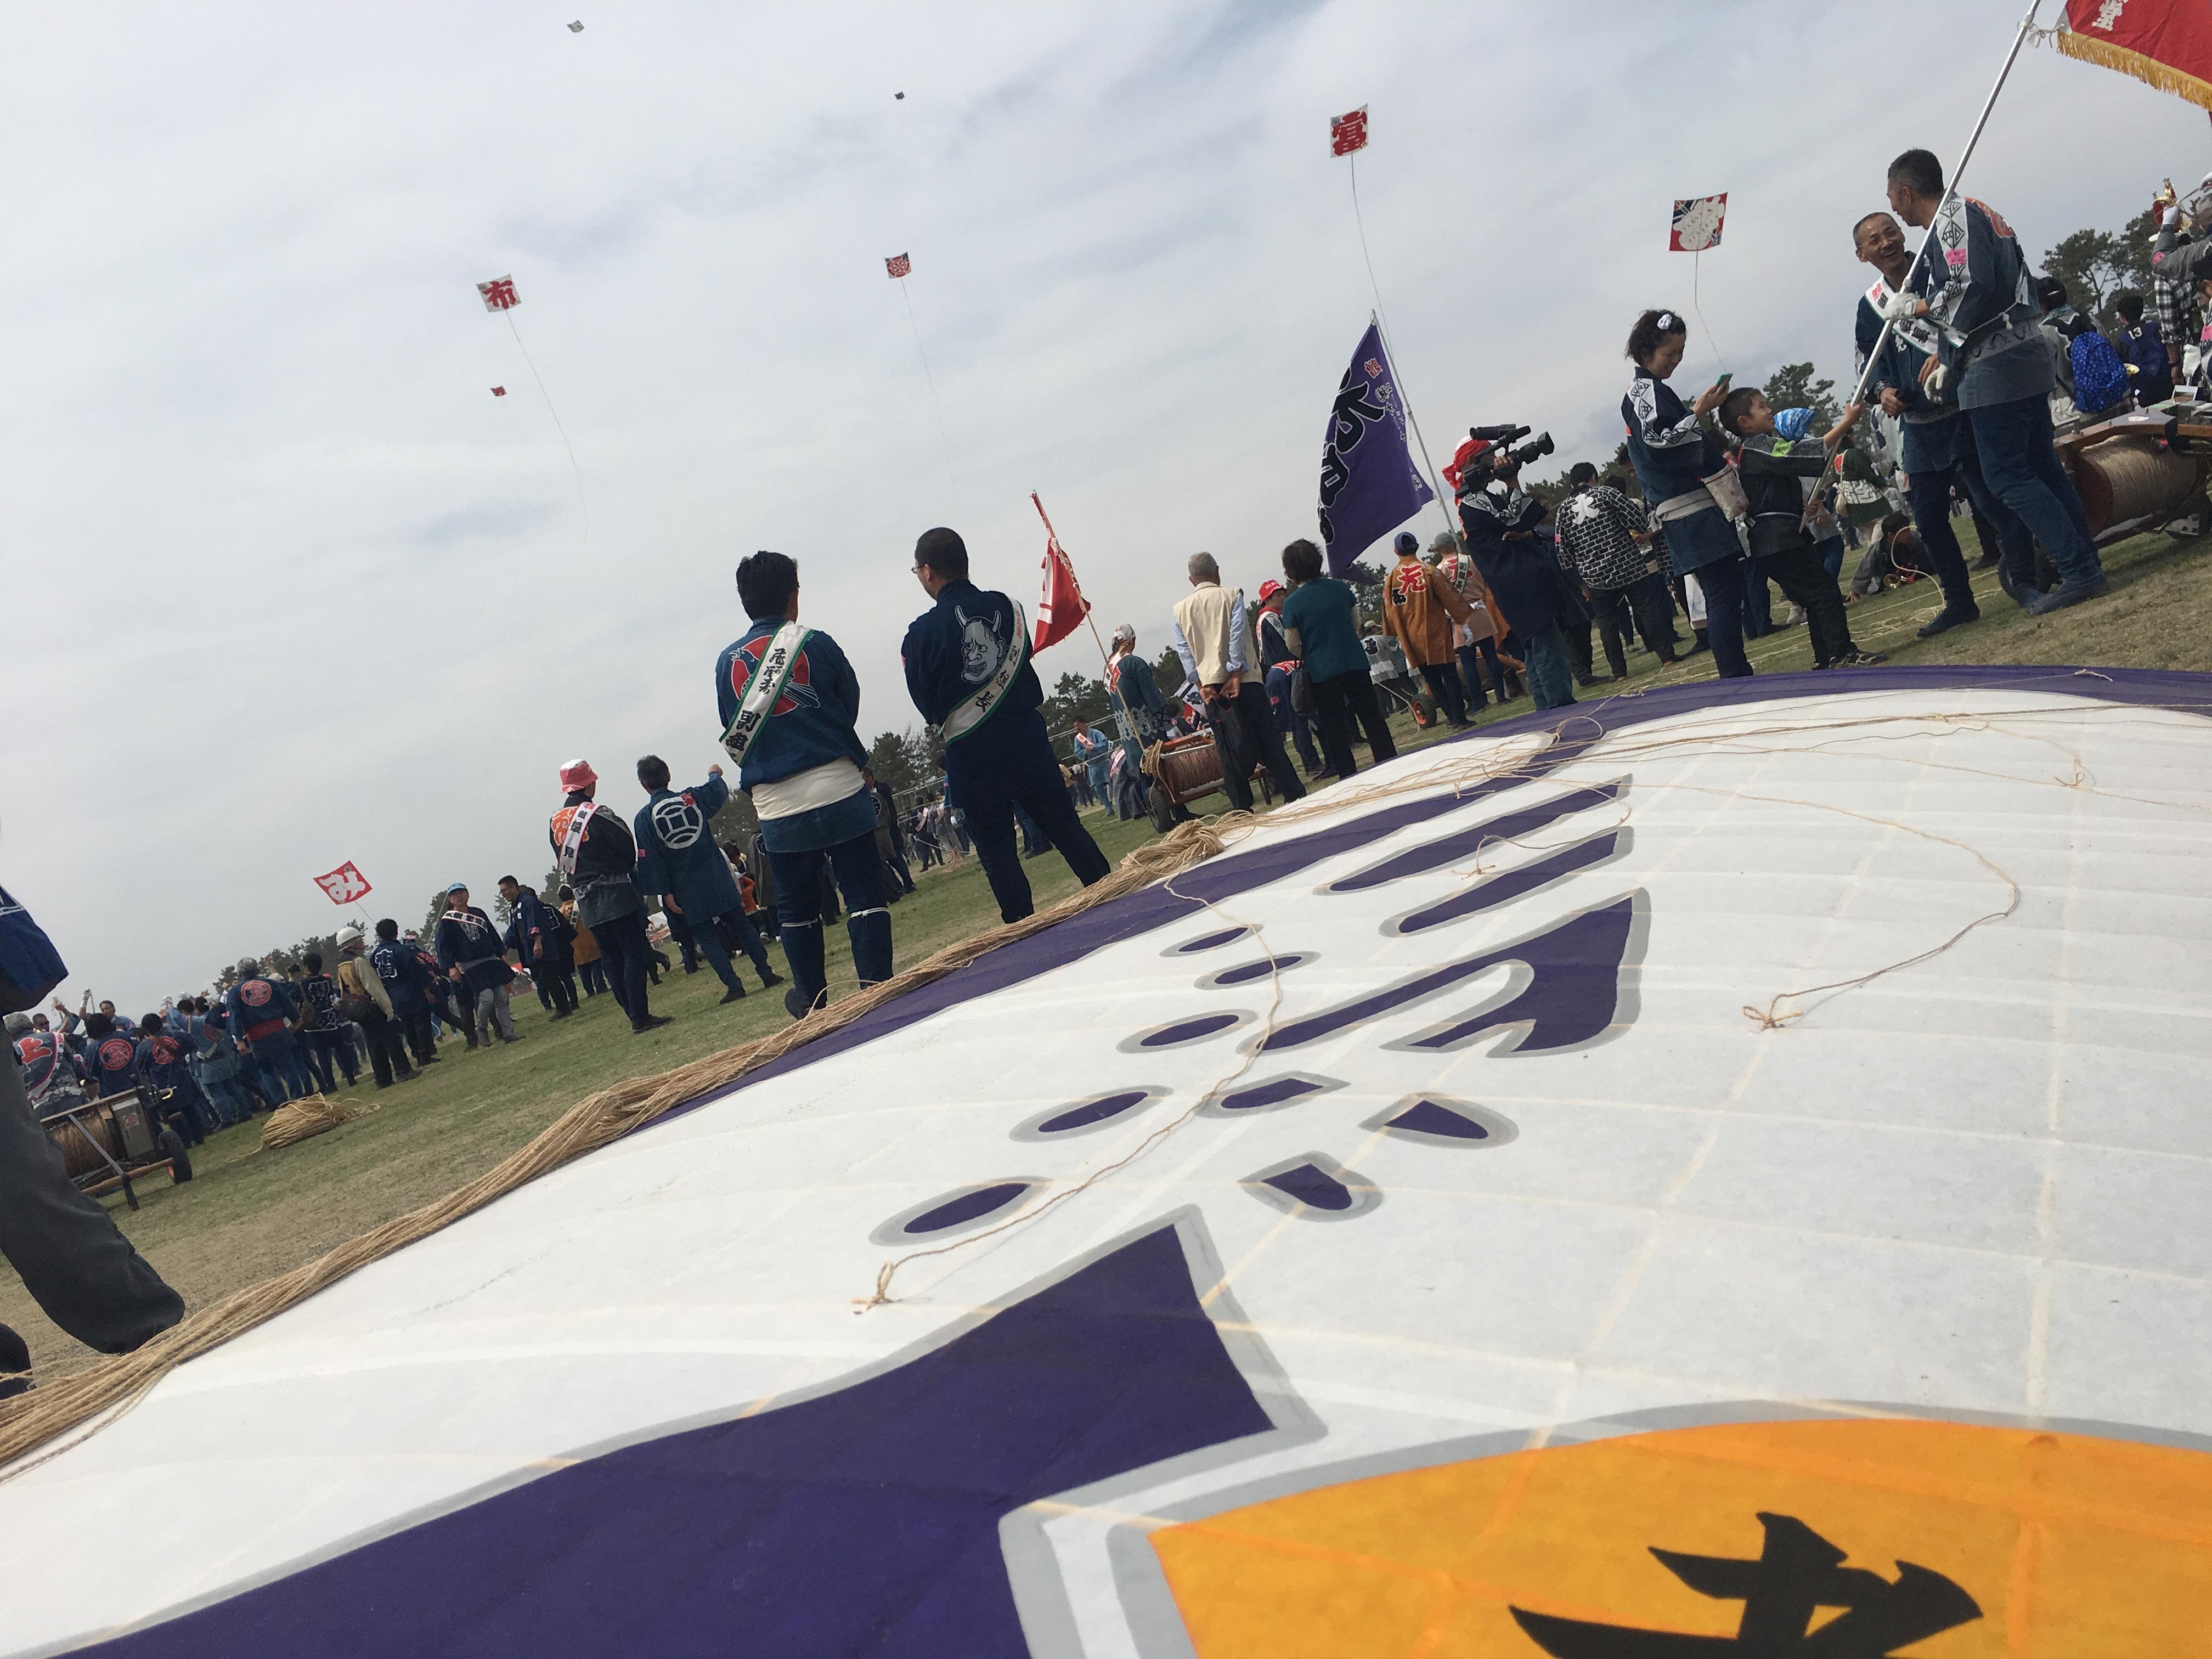 平成29年度(2017年)浜松まつり 広沢町凧揚会ひ組